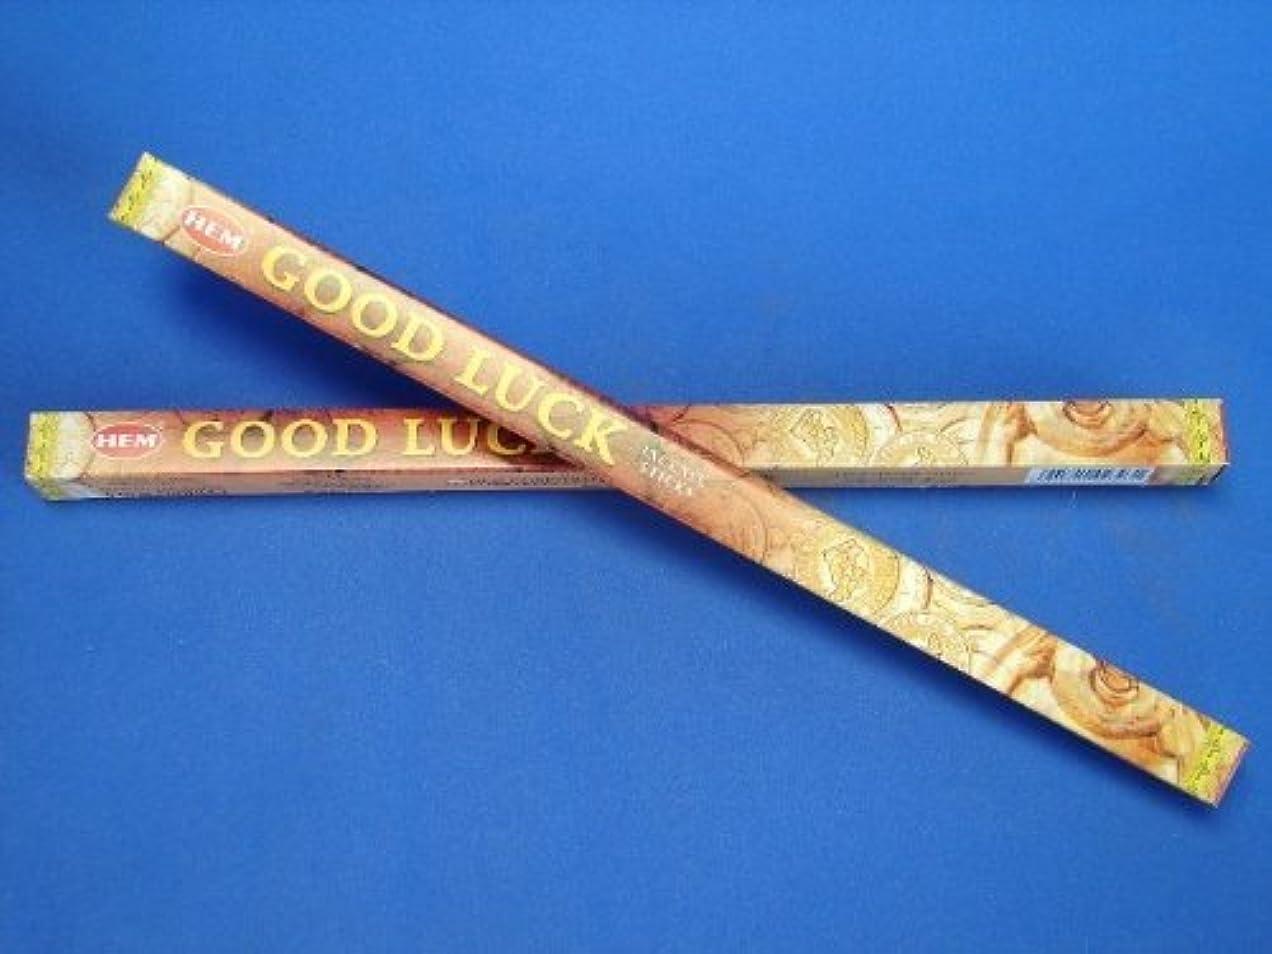 農夫バスケットボール弾力性のある4 Boxes of HEM Good Luck Incenses